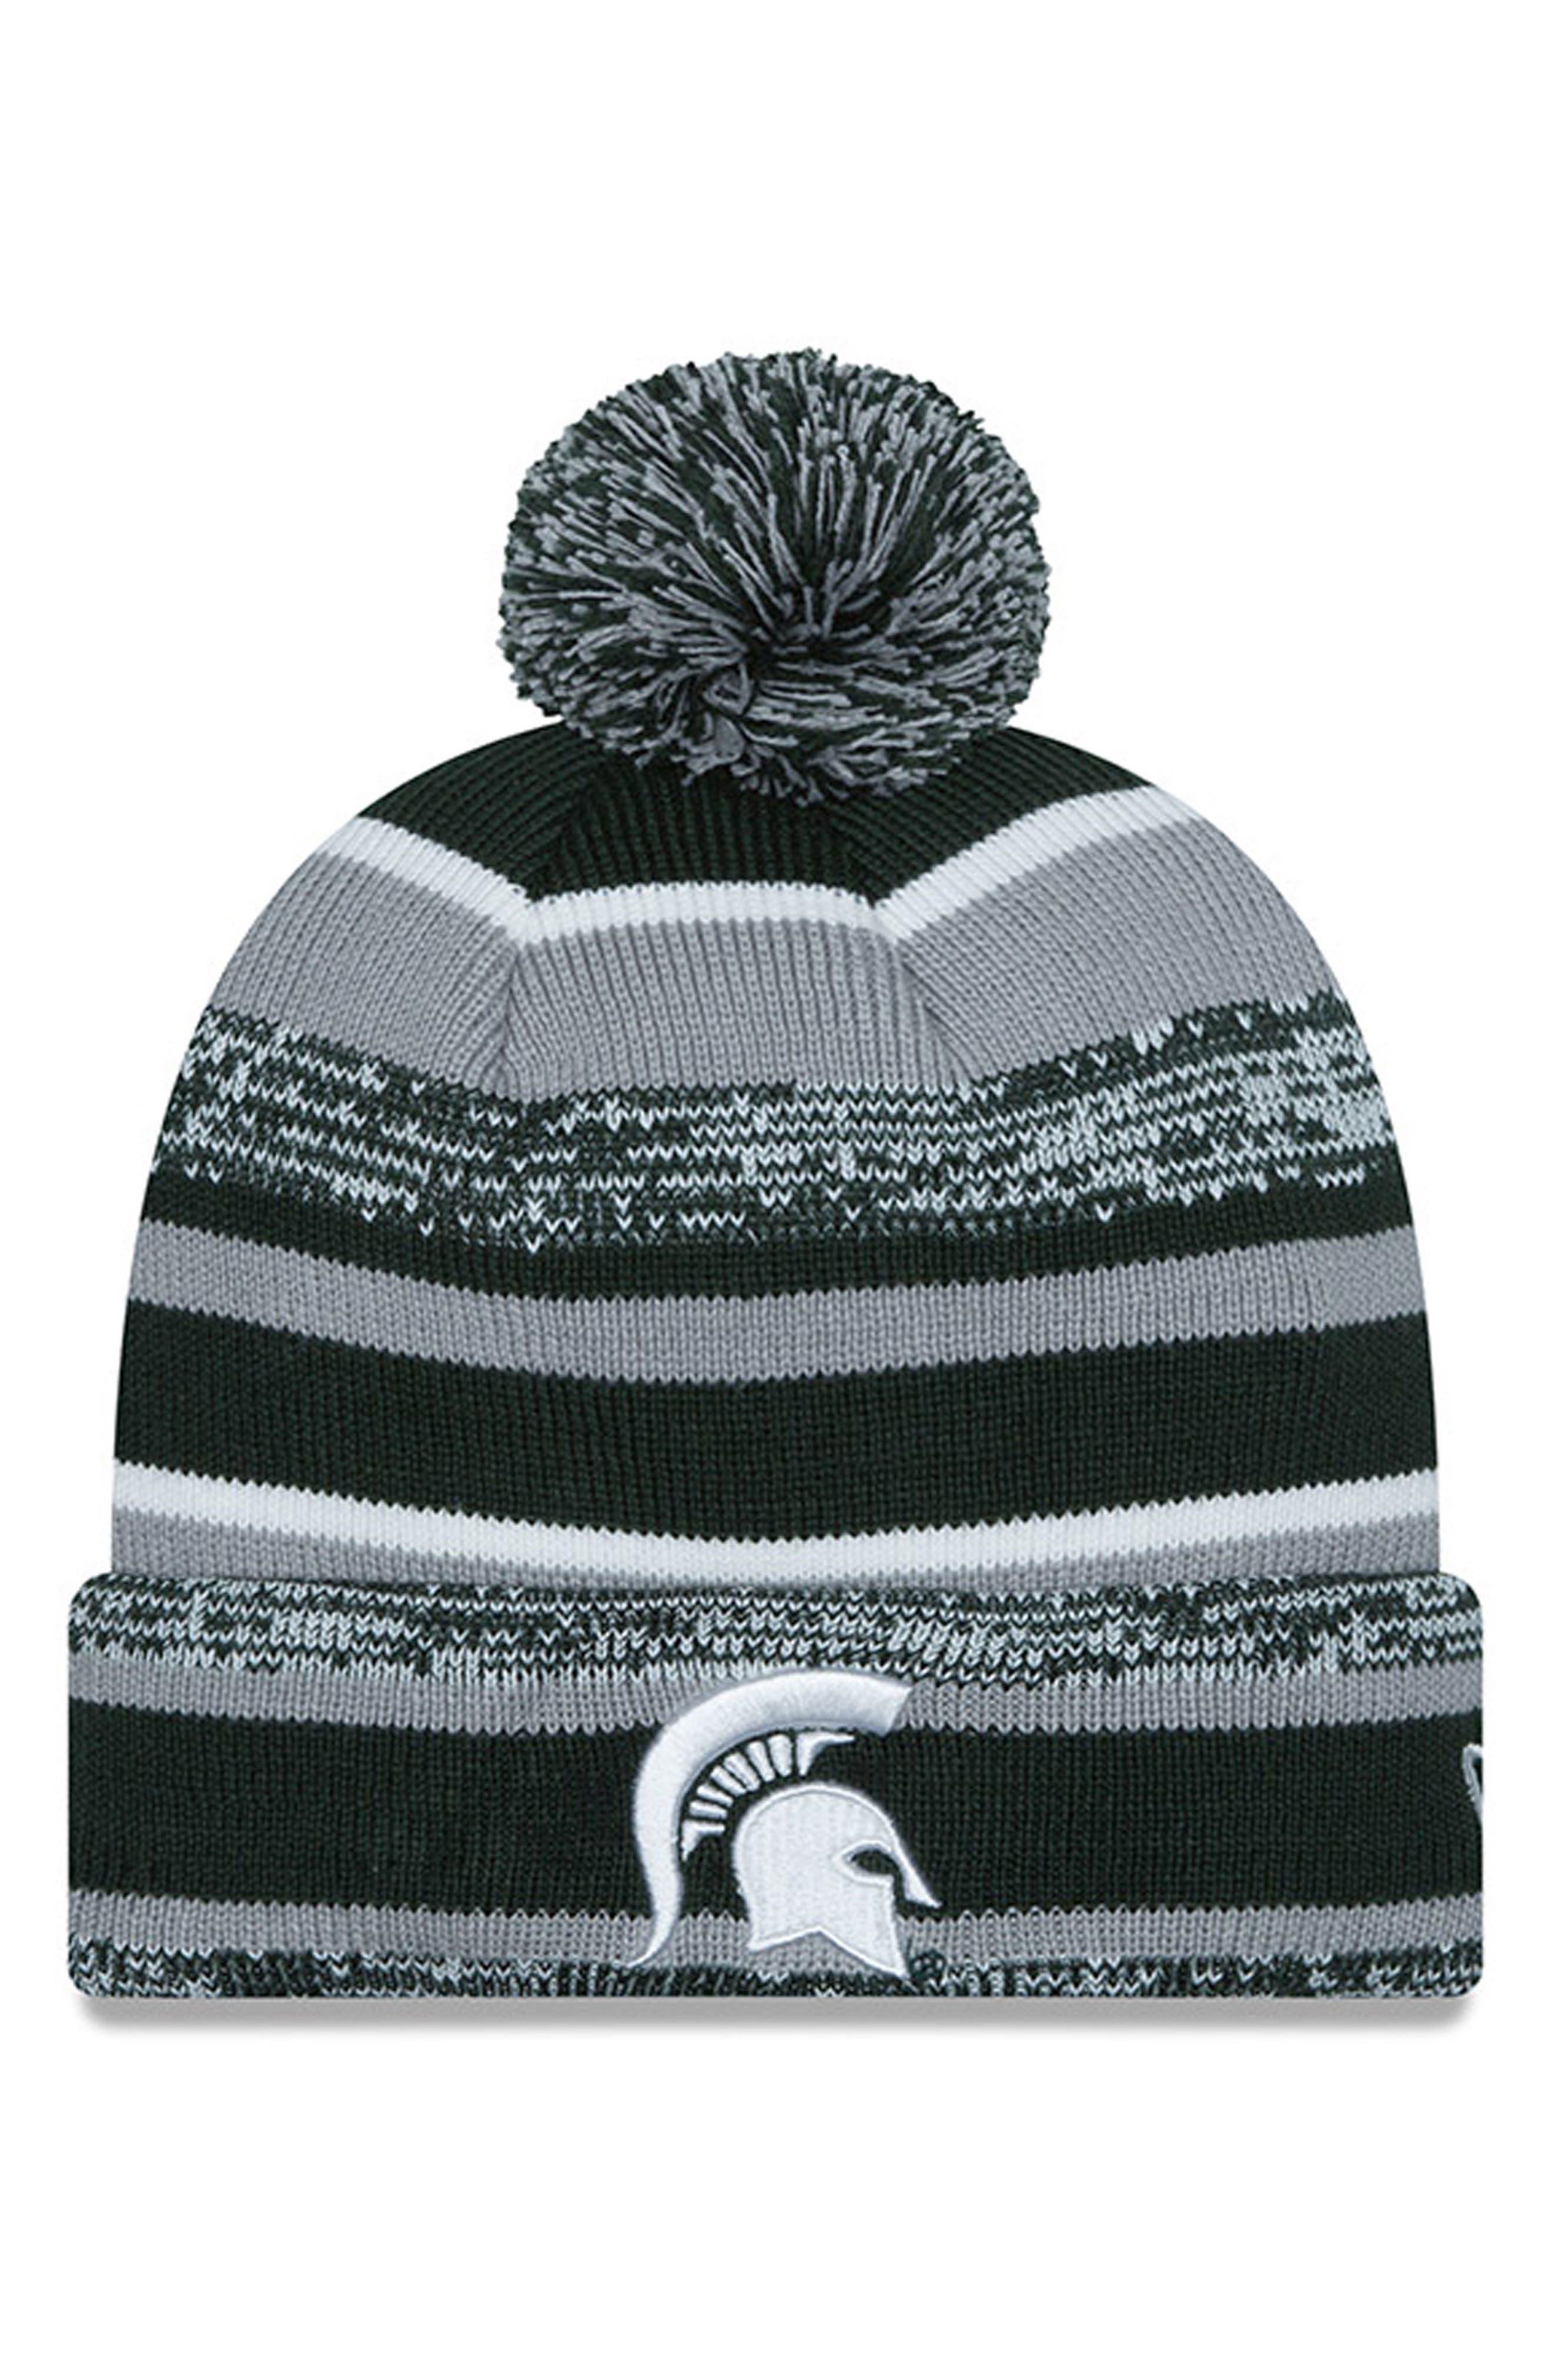 Main Image - New Era Cap Collegiate Logo Knit Beanie